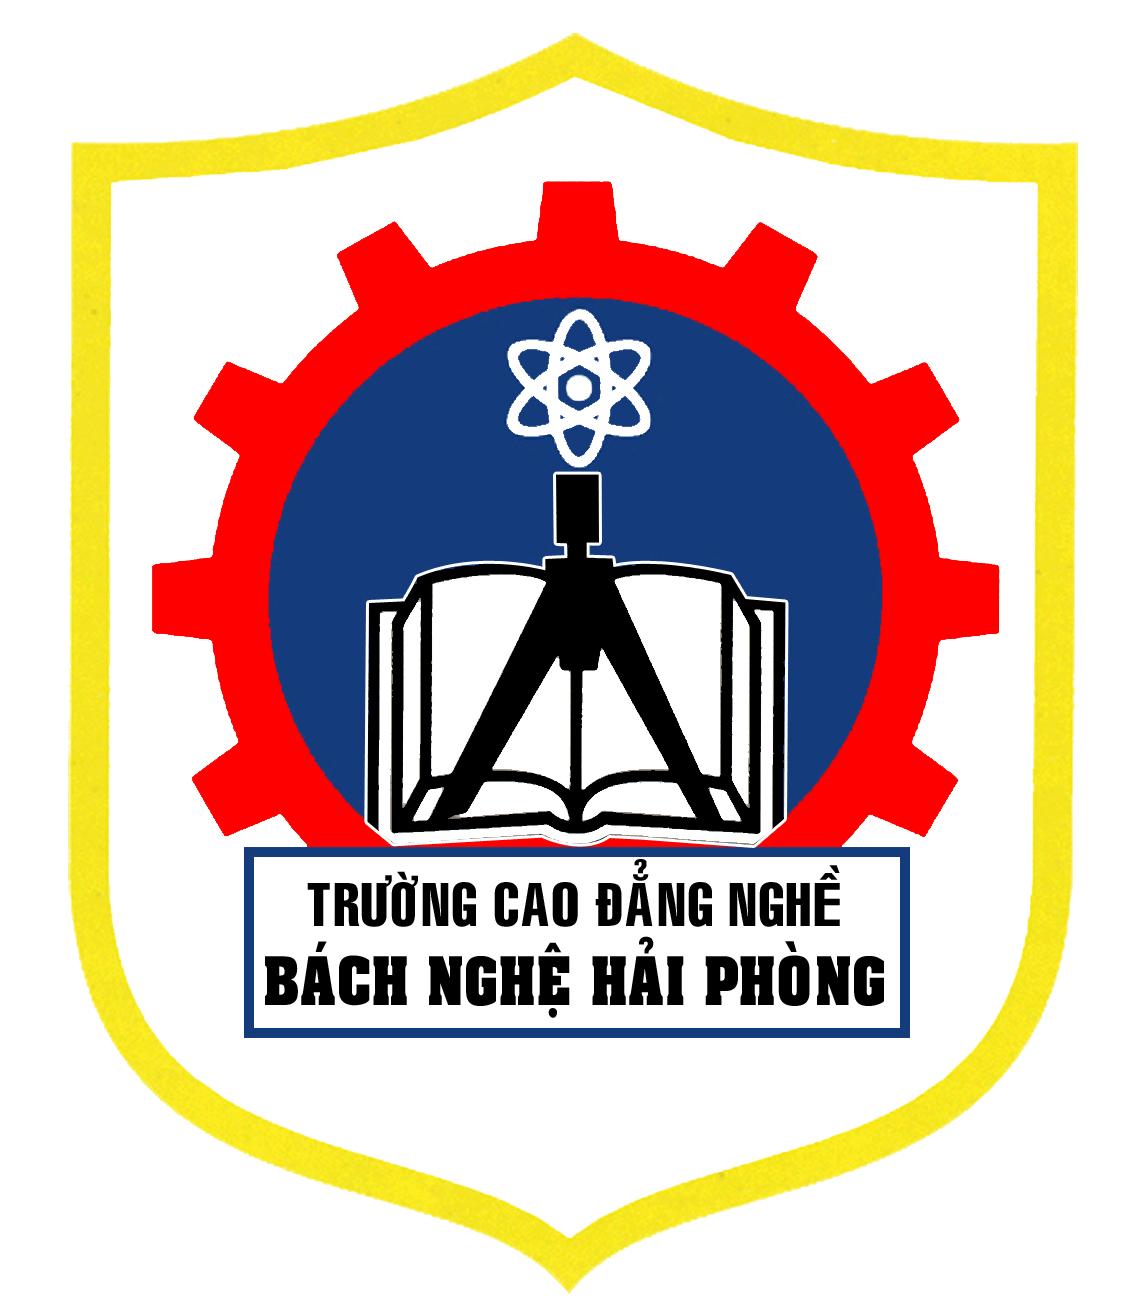 logo cao dang nghe bach nghe hai phong